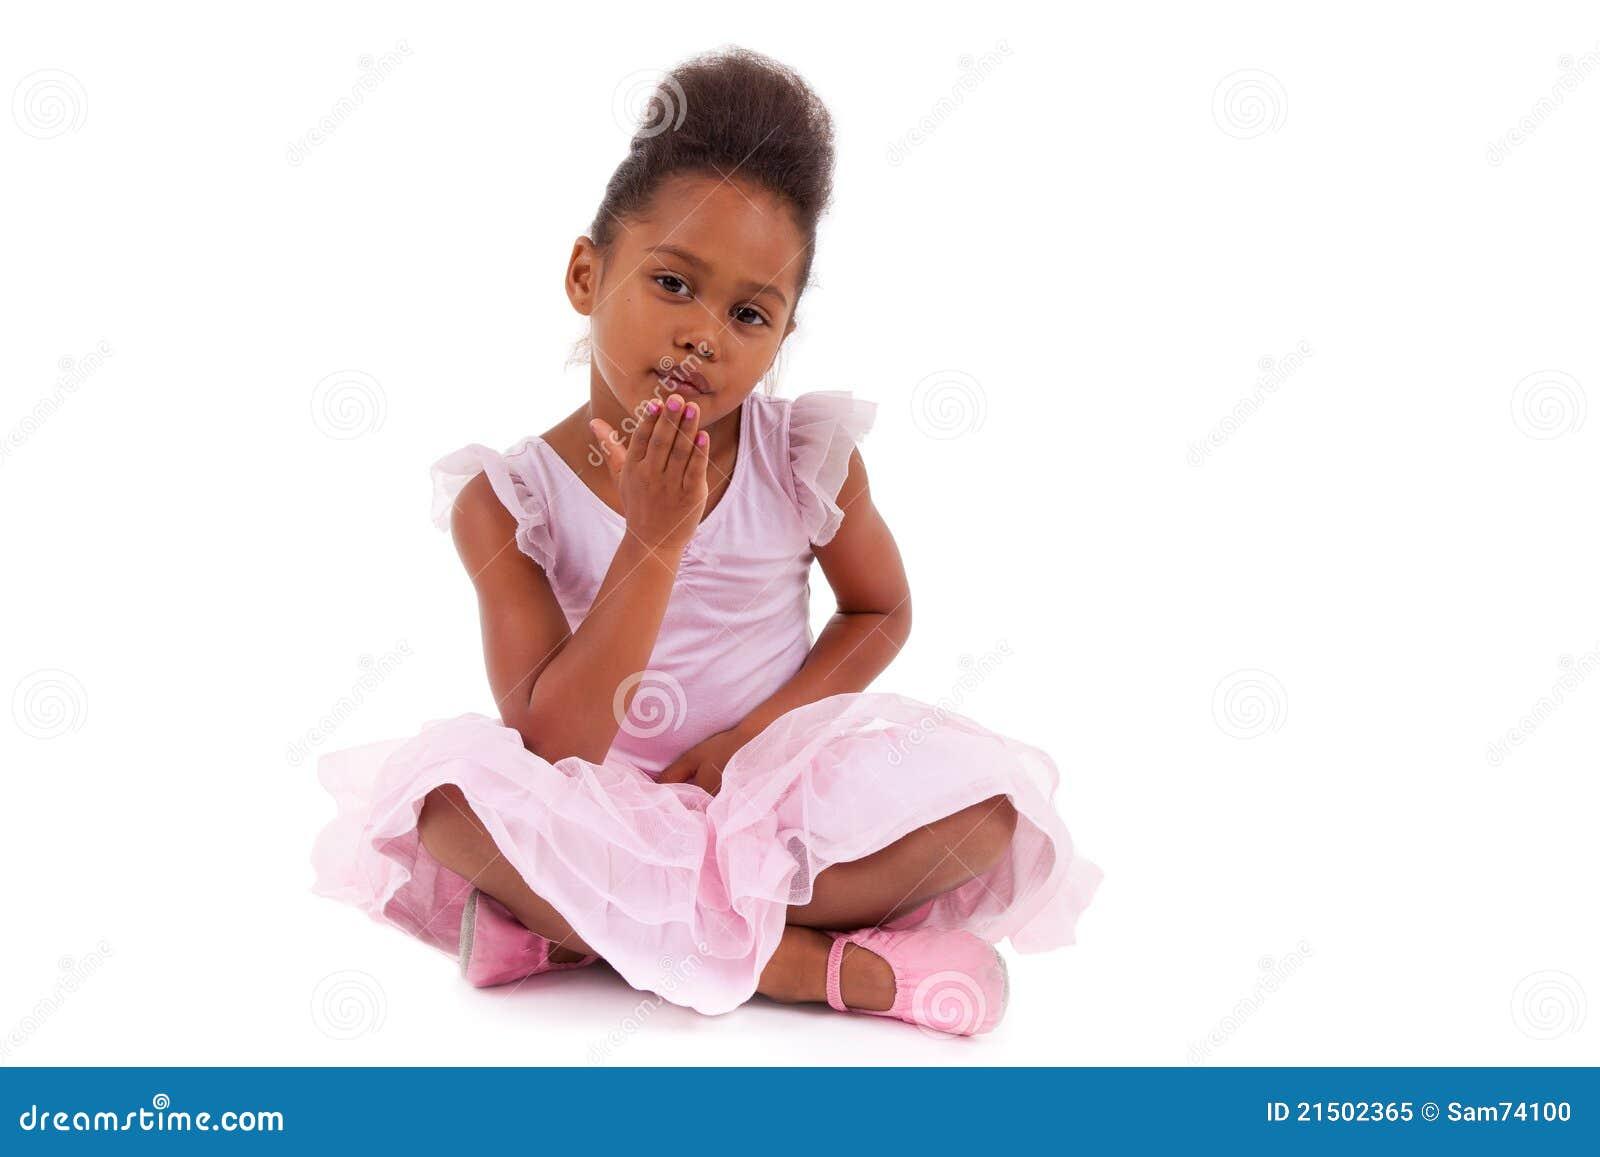 Тайские маленькие девочки 6 фотография